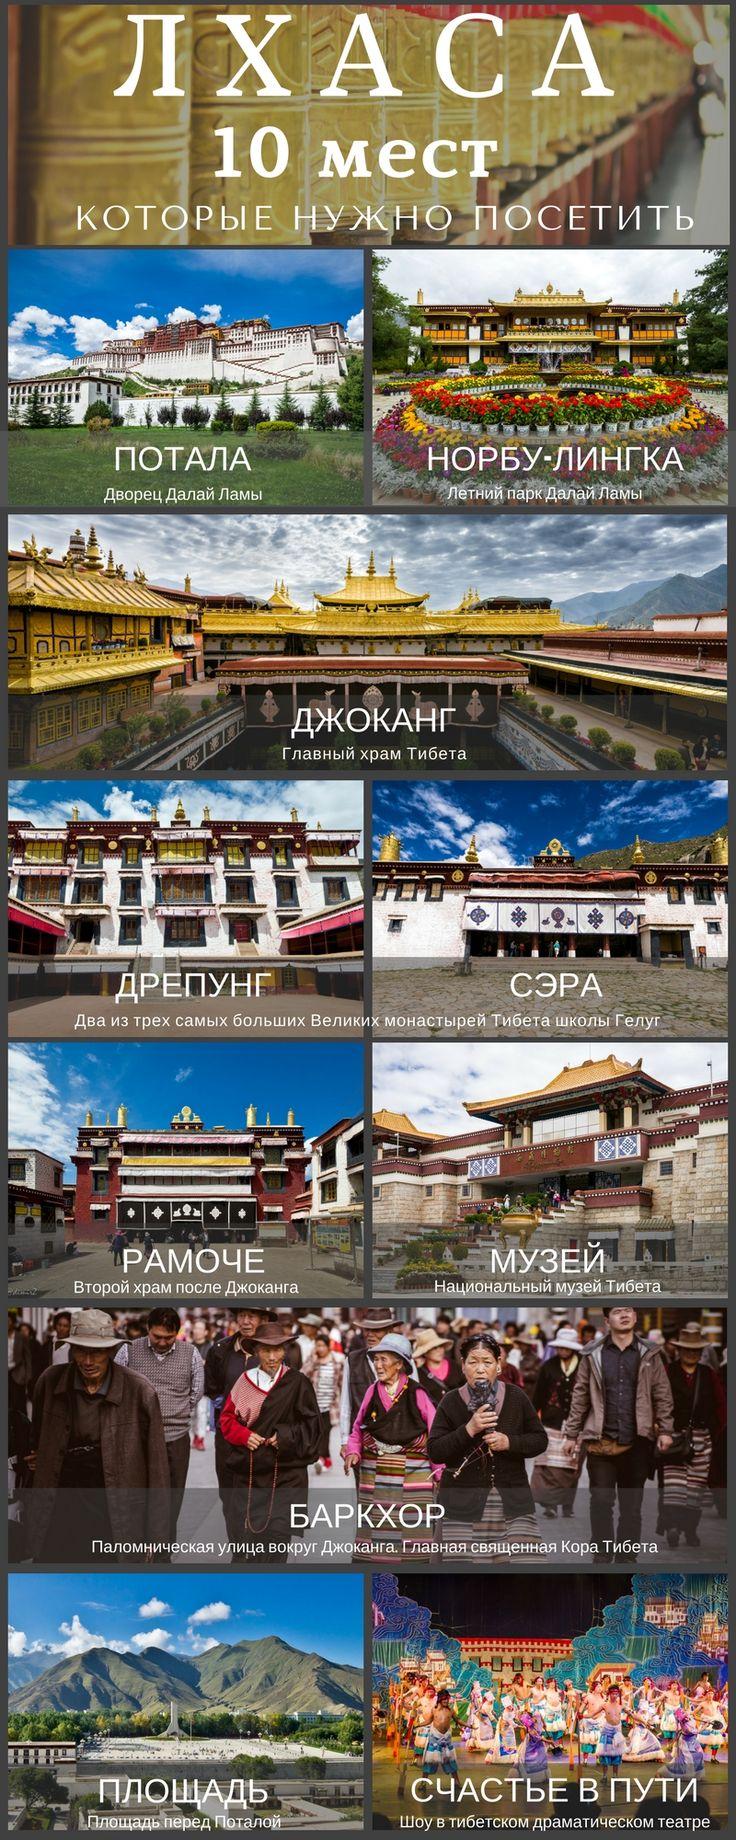 10 мест в Лхасе, которые нужно посетить. Главные достопримечательности. #vladimirzhoga #тибет #путешествия #лхаса